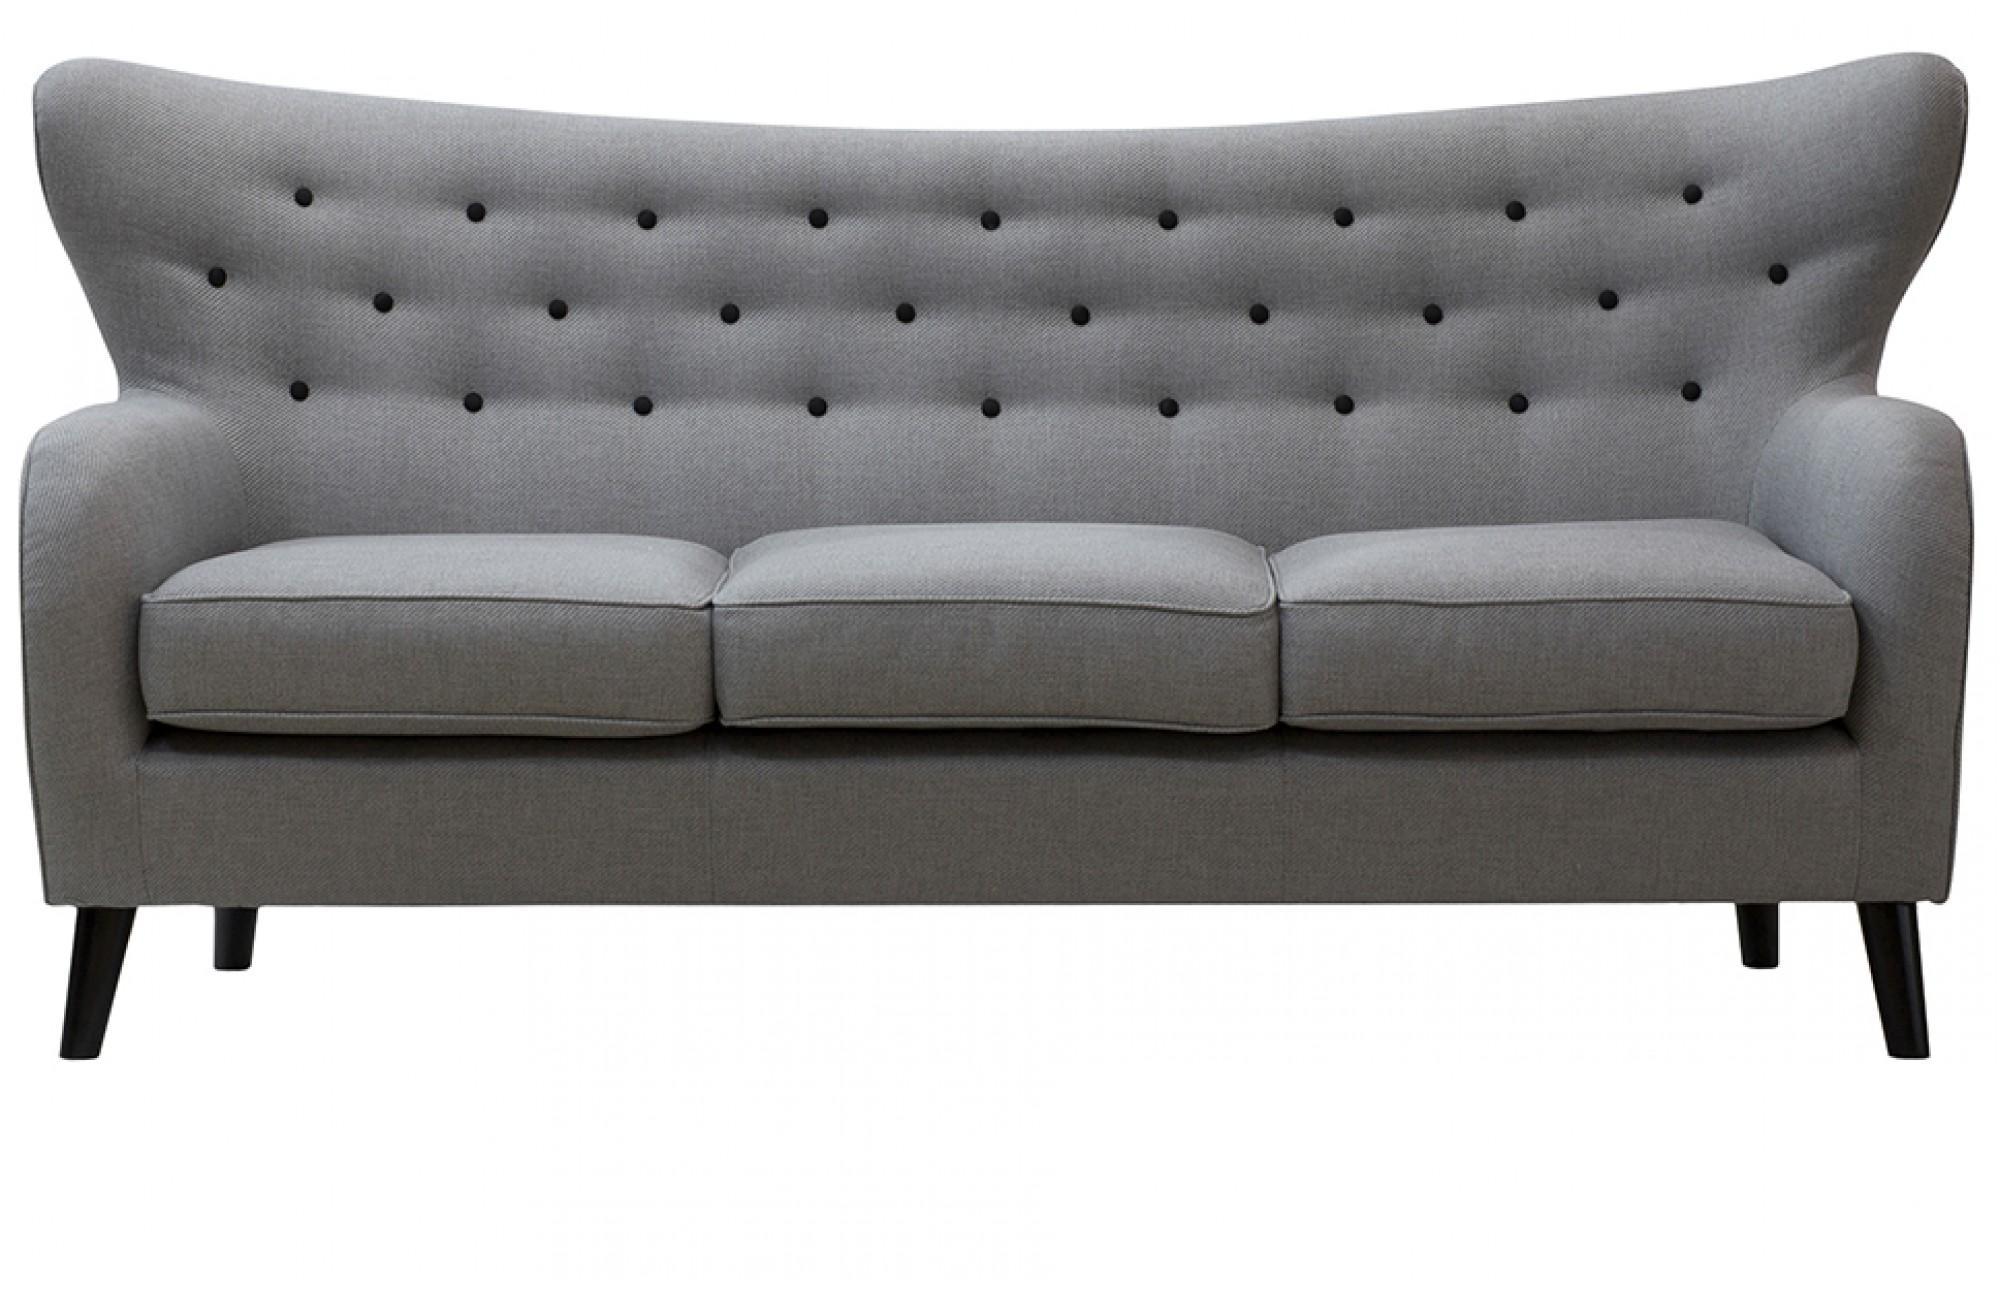 3 Seater Sofas Throughout Three Seater Sofas (View 17 of 20)